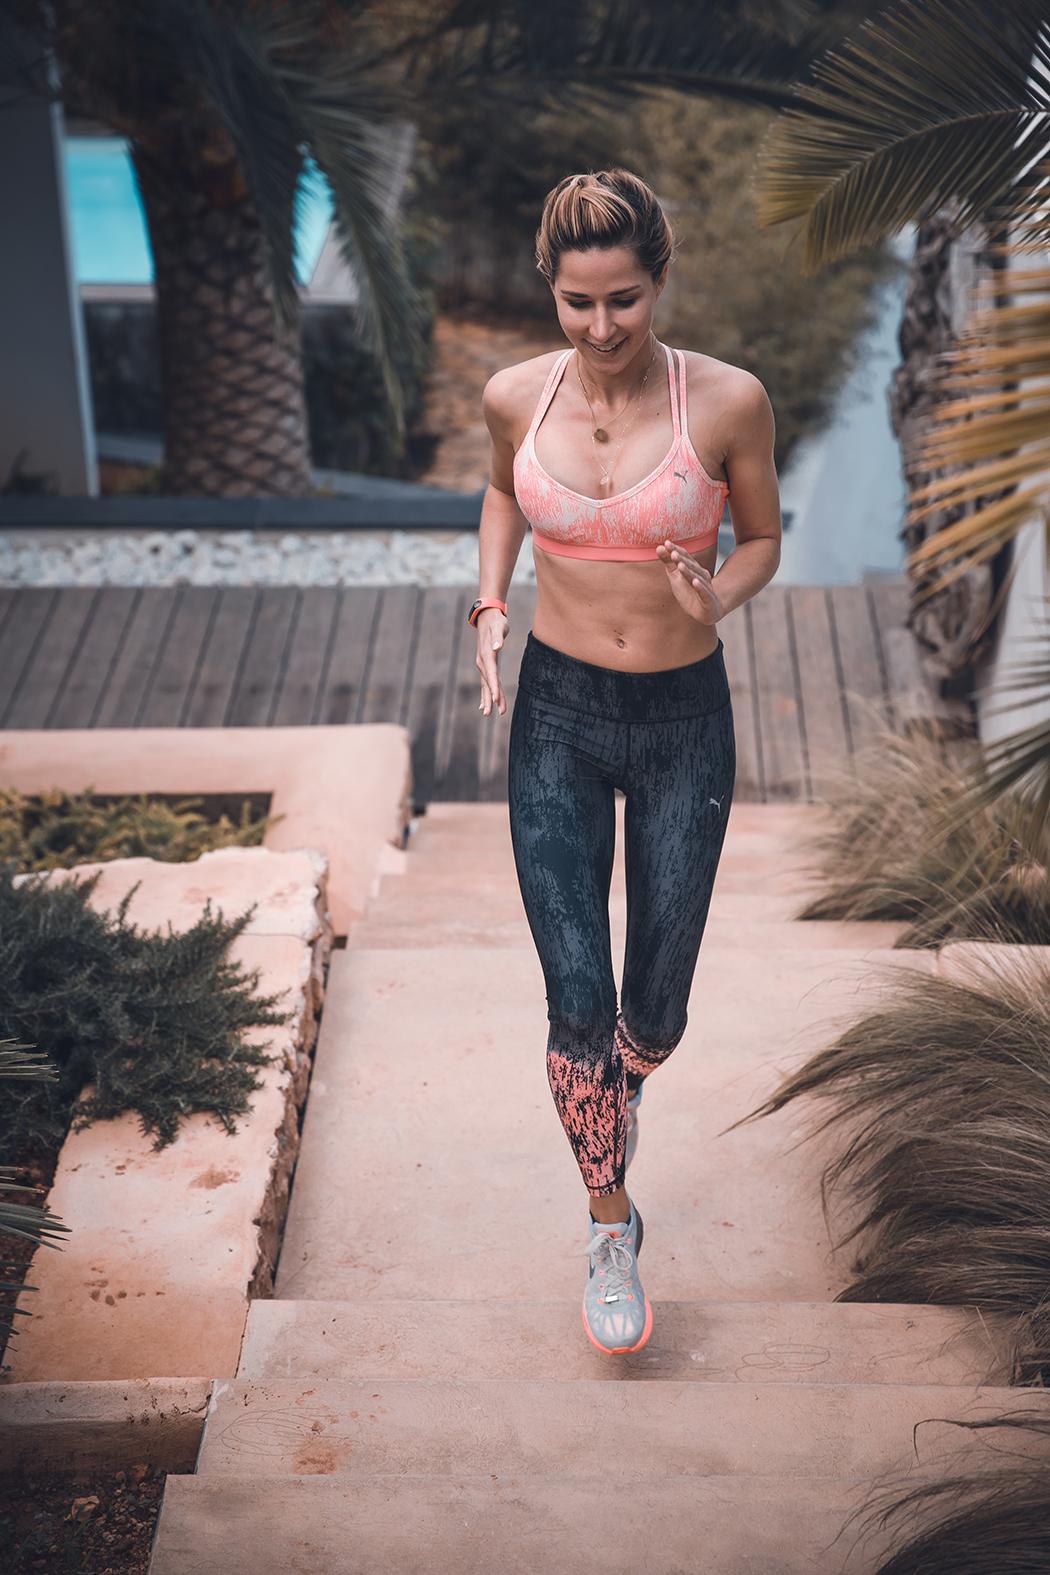 fitnessblog-fitnessblogger-fitness-blog-blogger-sport-tomtom-tracker-fitness-2-2-web